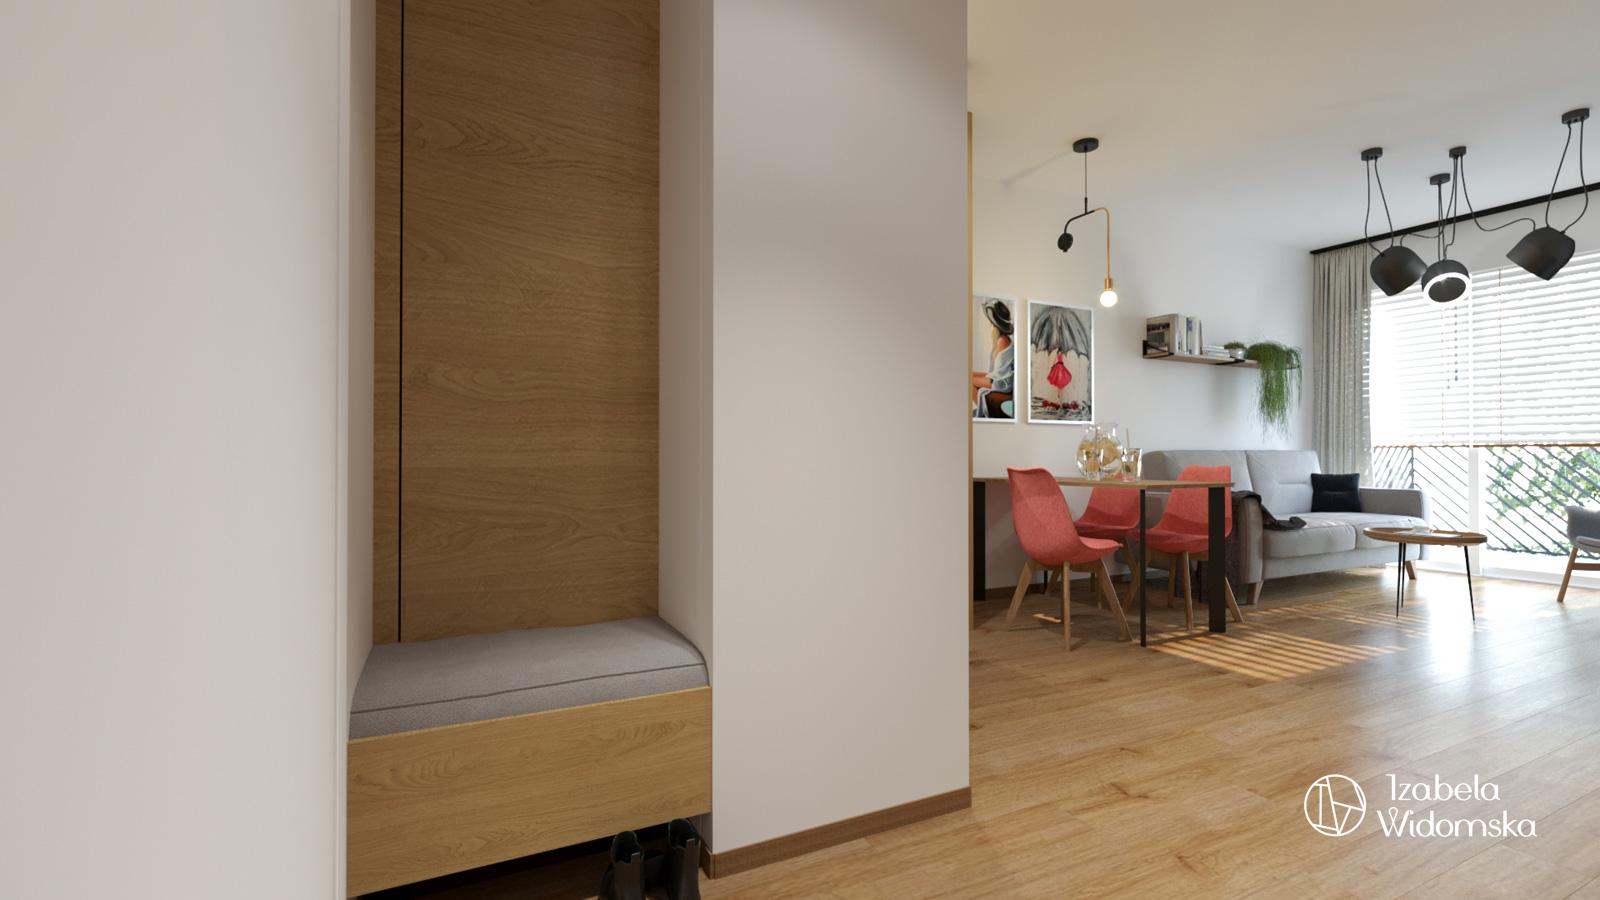 Loftowa kawalerka | Dopasowanie Dobre życie Inspirujące wnętrze | Projekt wnętrza architekt Izabela Widomska